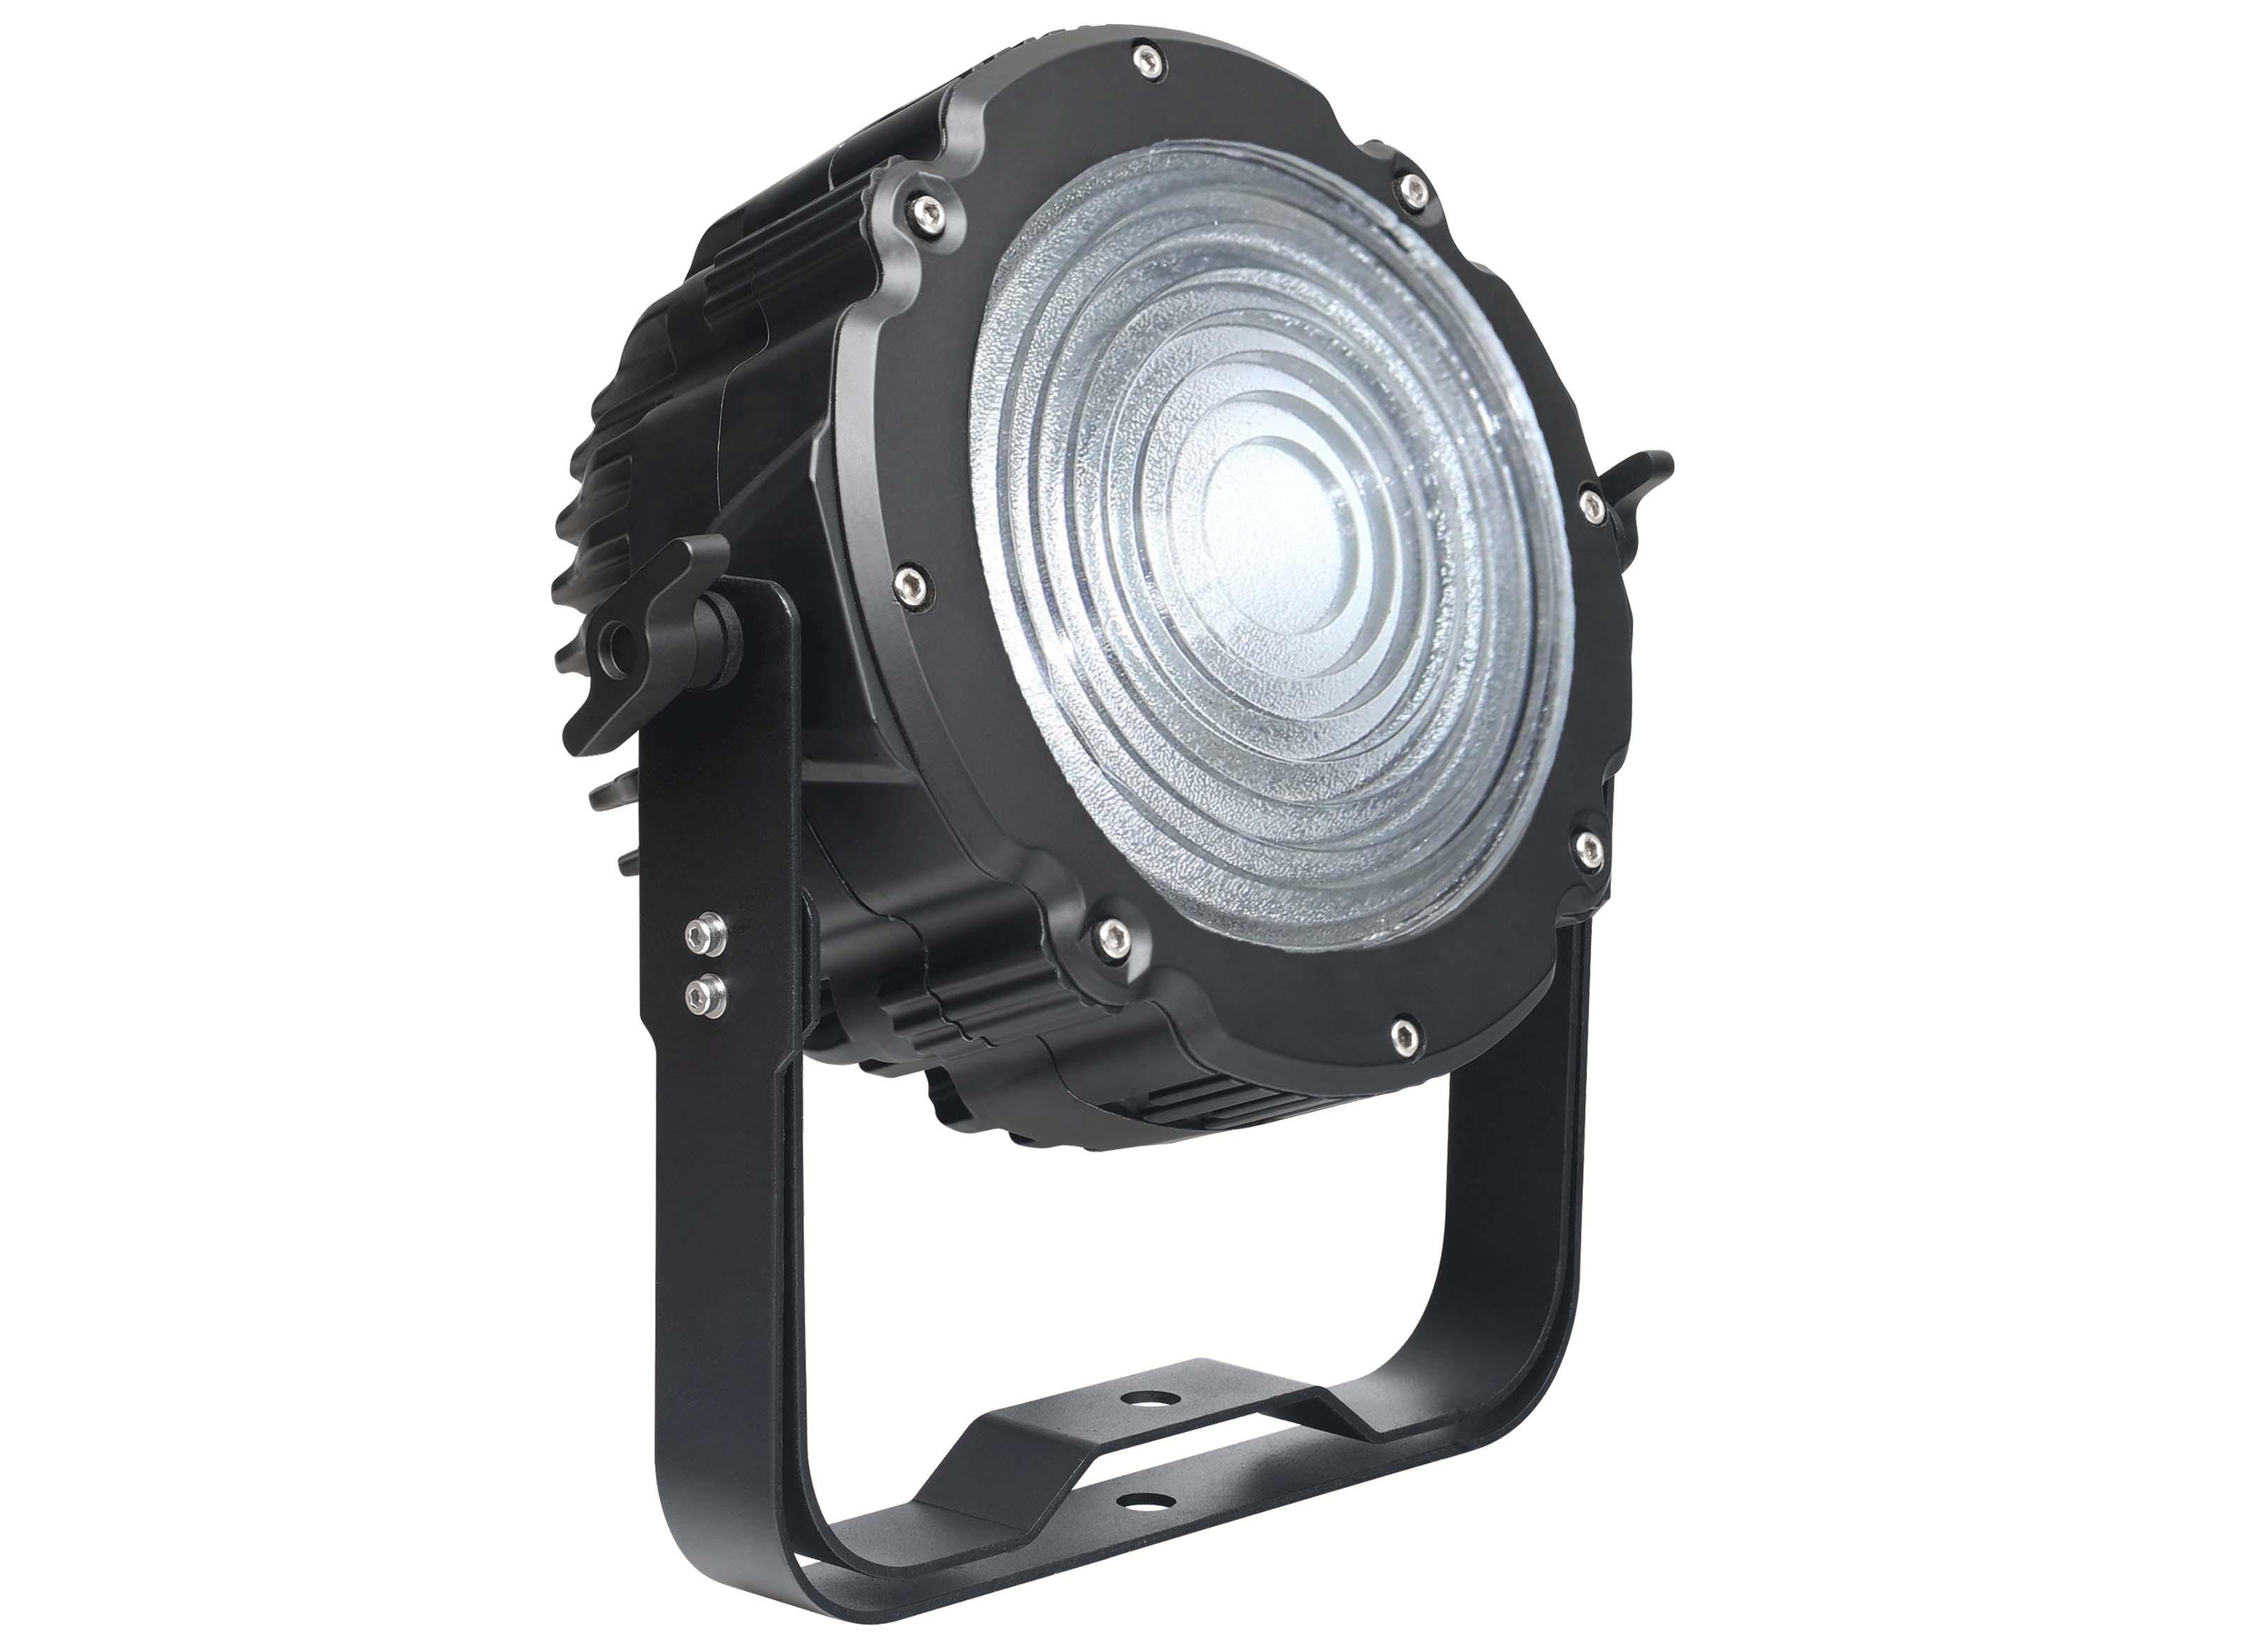 Adjustable LED RGBW Flood Light